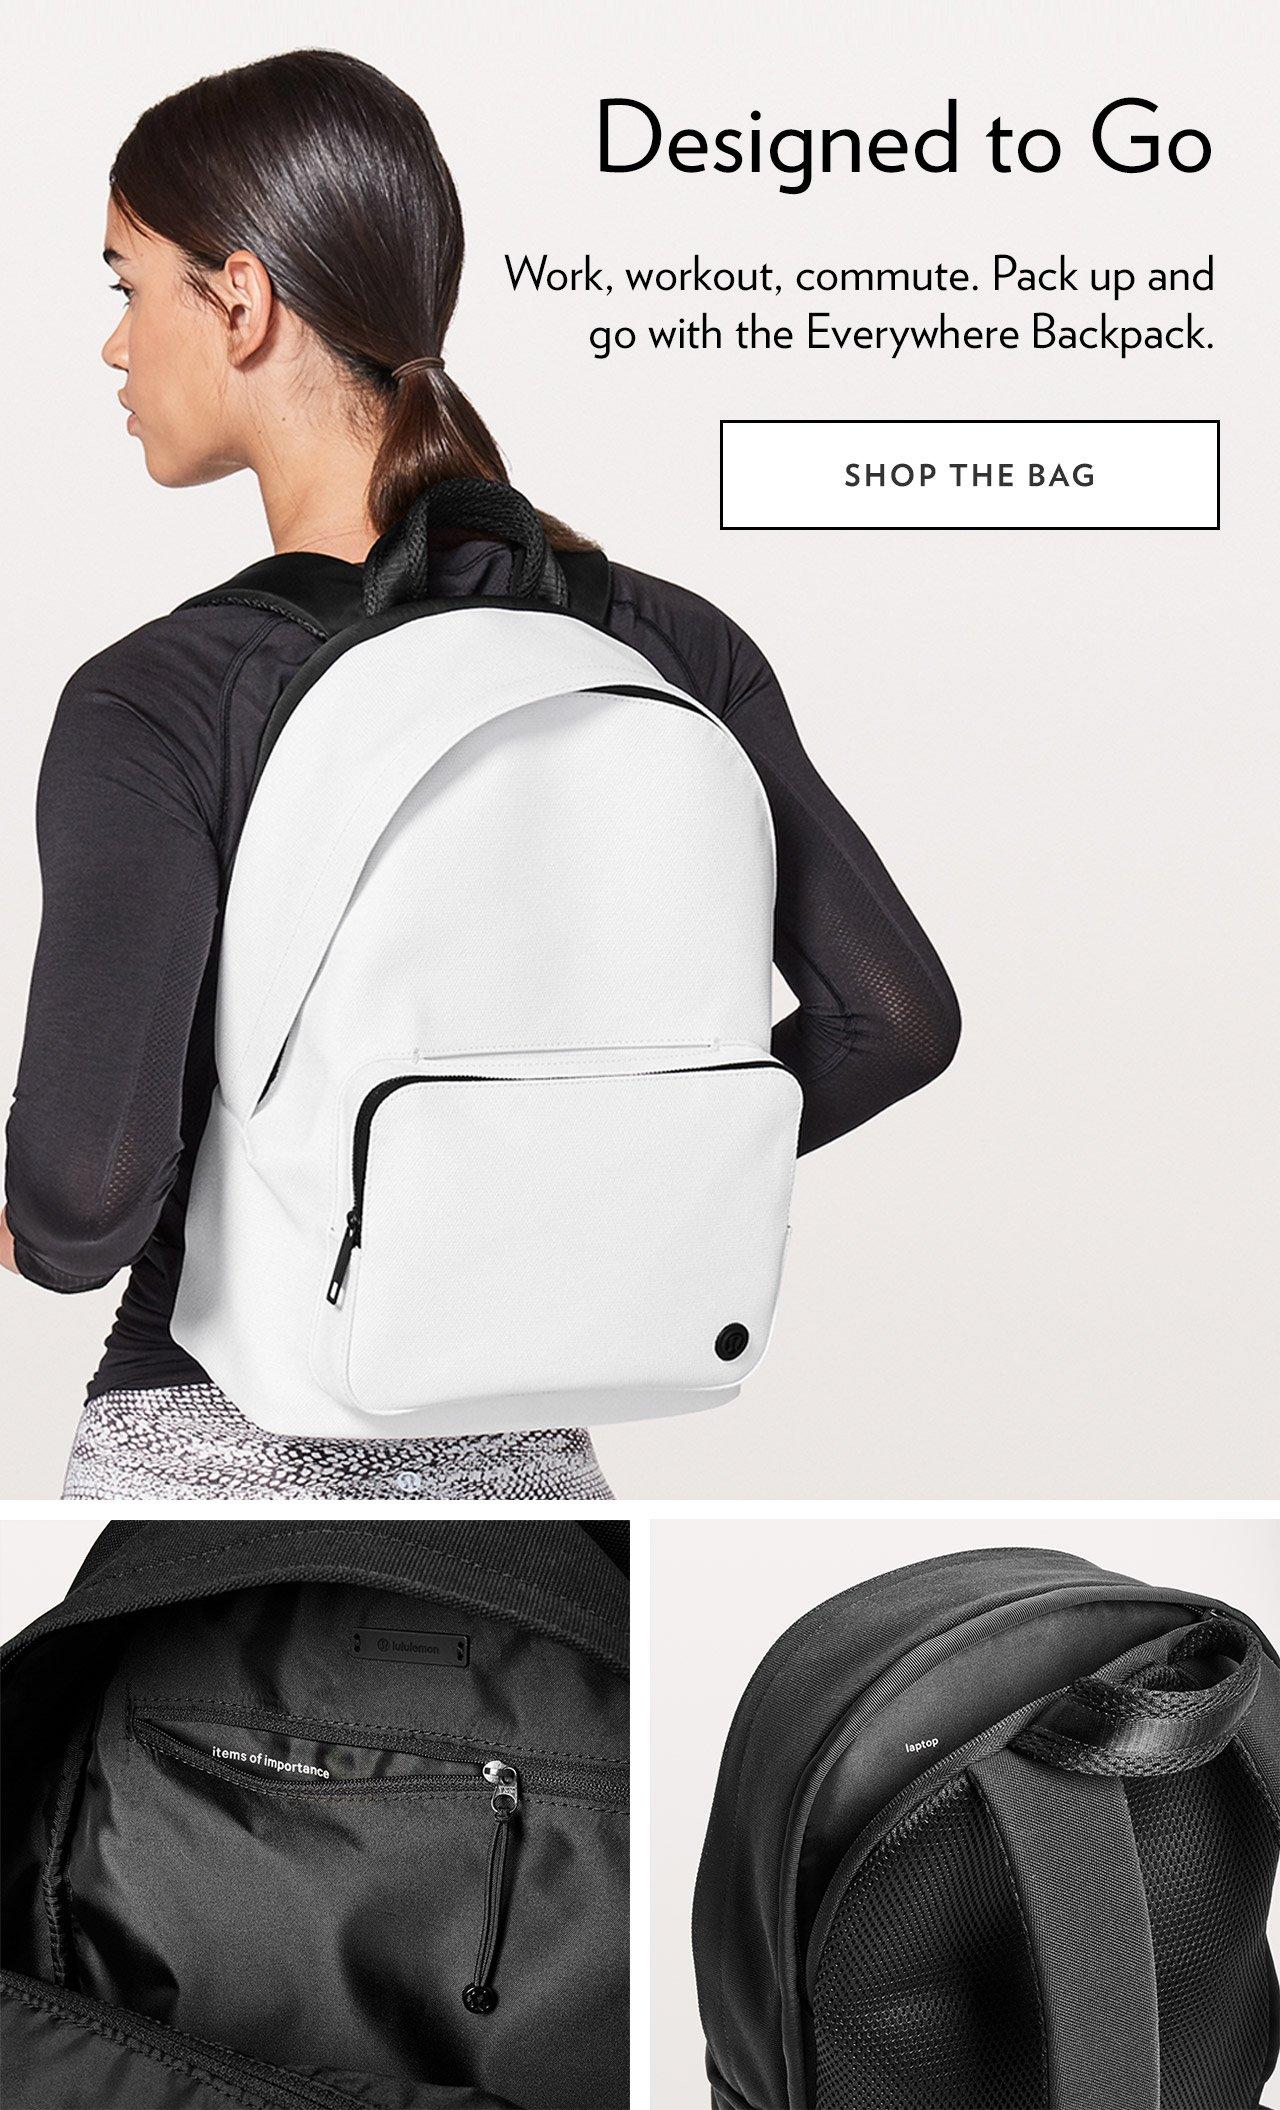 Designed to Go - SHOP THE BAG